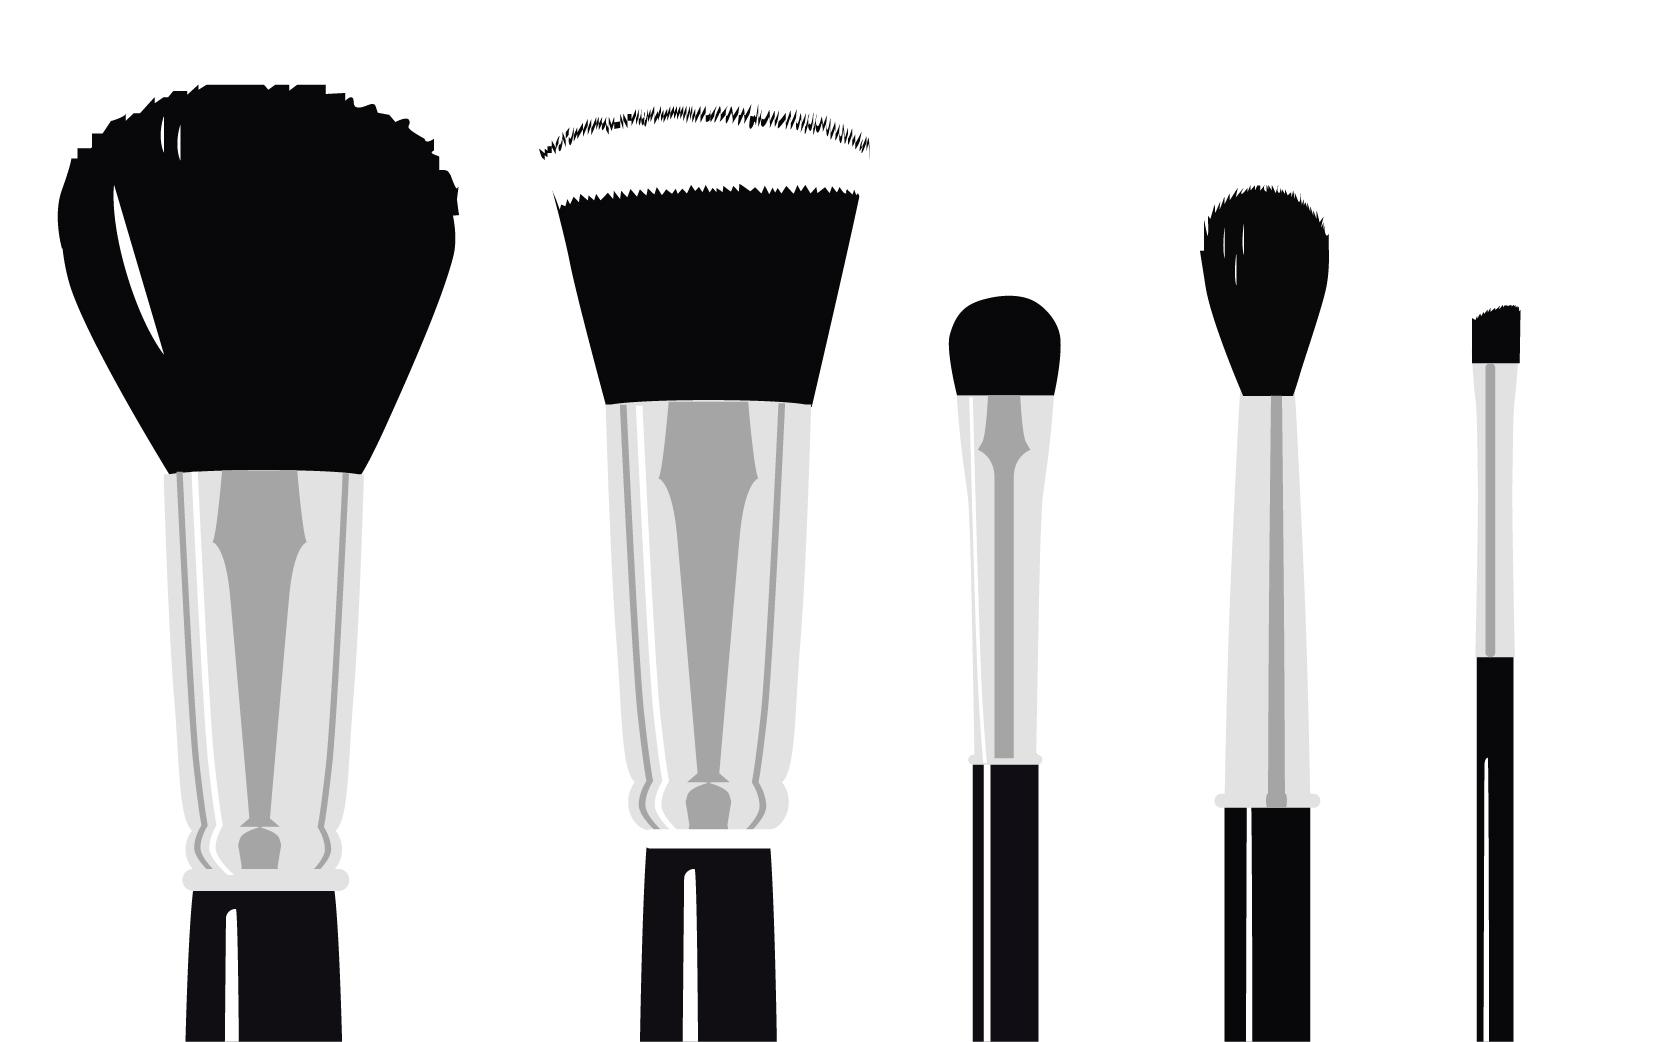 Lx brushes web 01